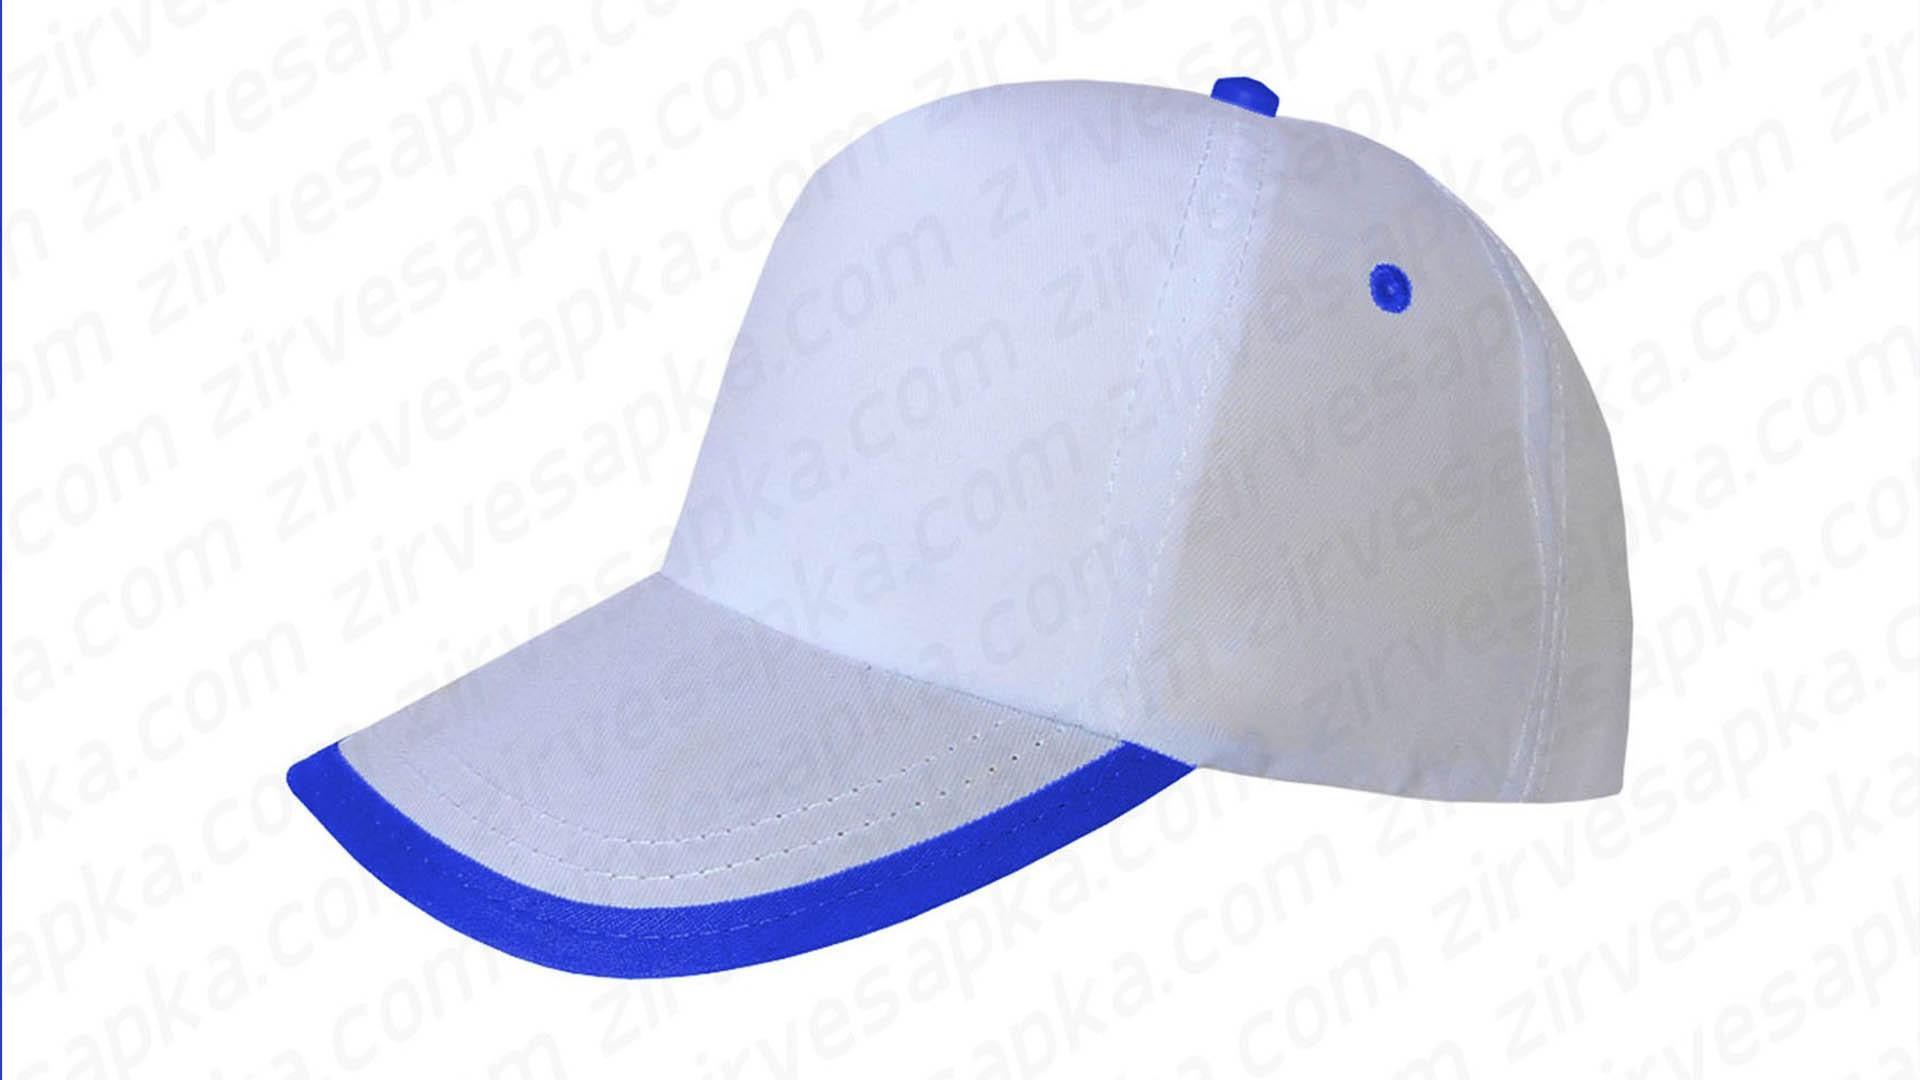 Siperi Biyeli Bereket Şapka - Beyaz Mavi